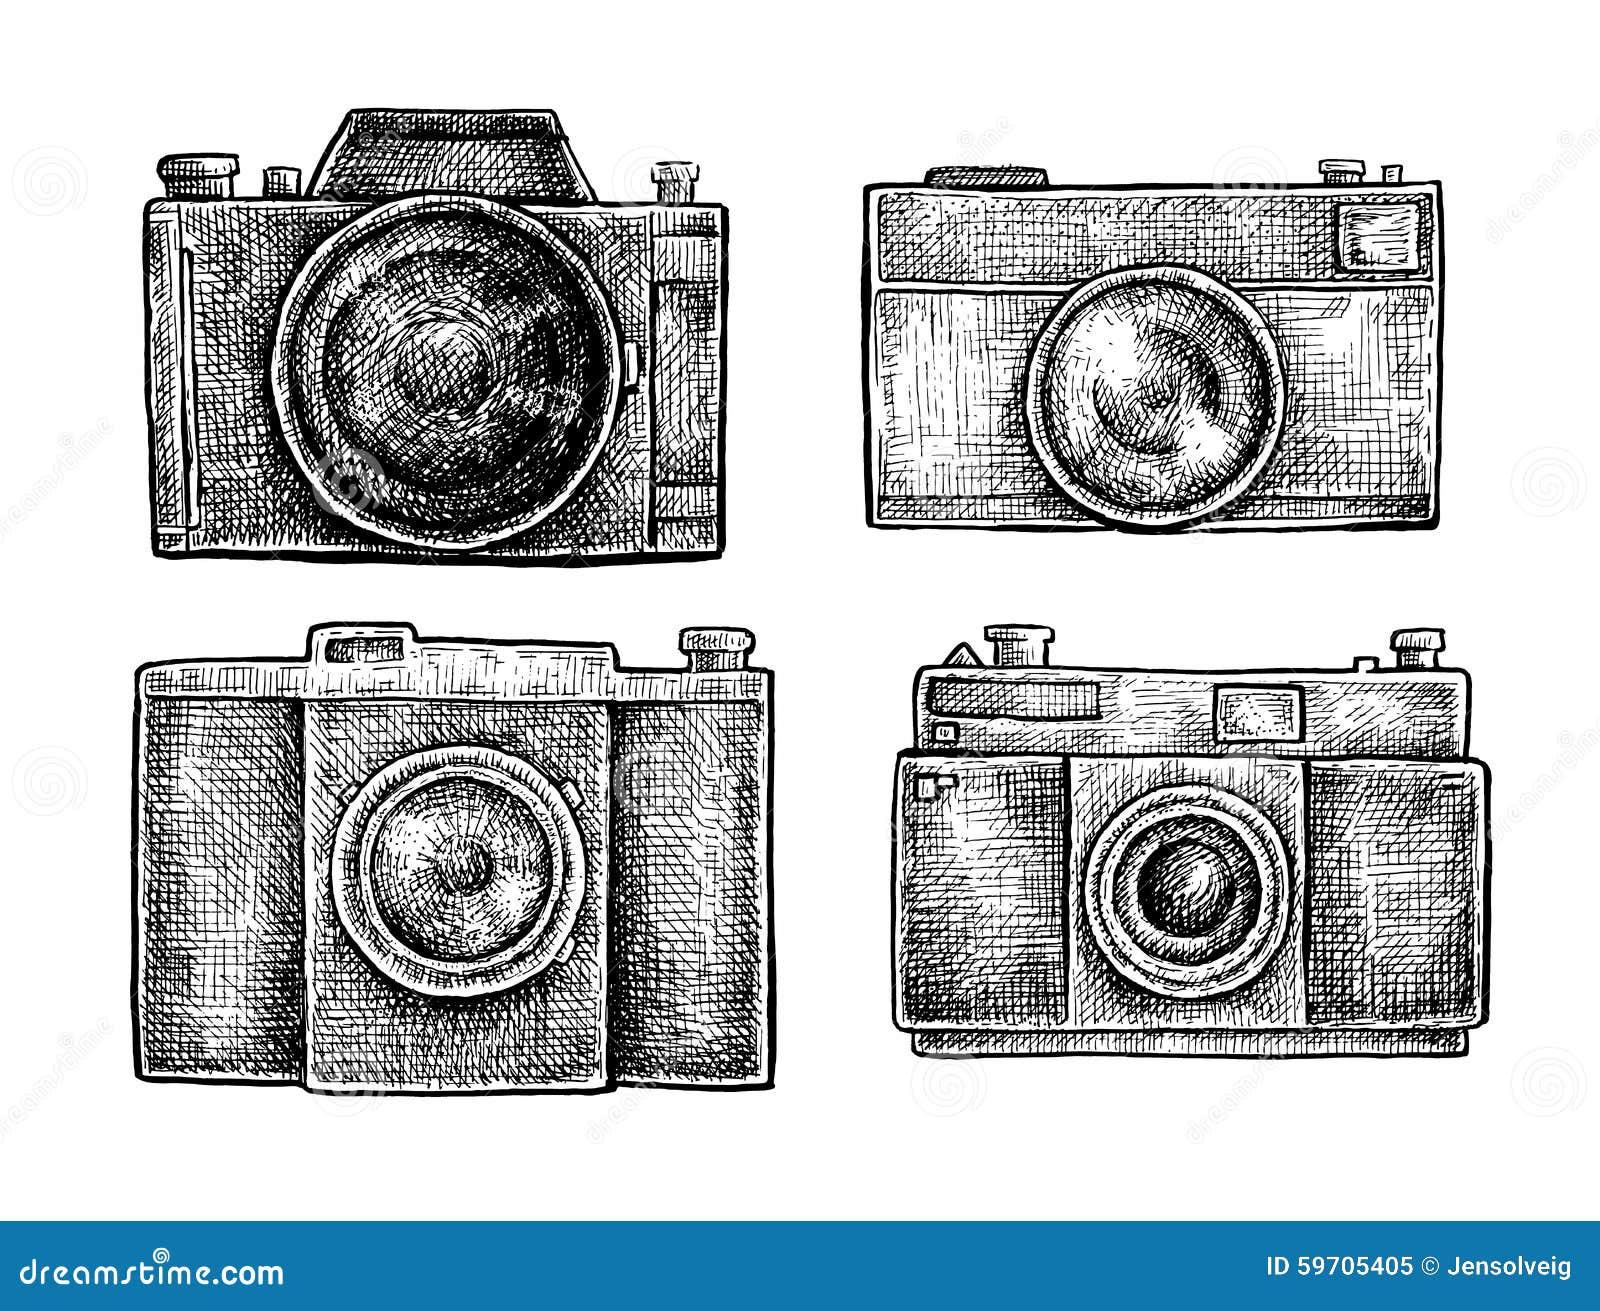 Disegni macchine fotografiche wd24 regardsdefemmes for Disegni delle macchine